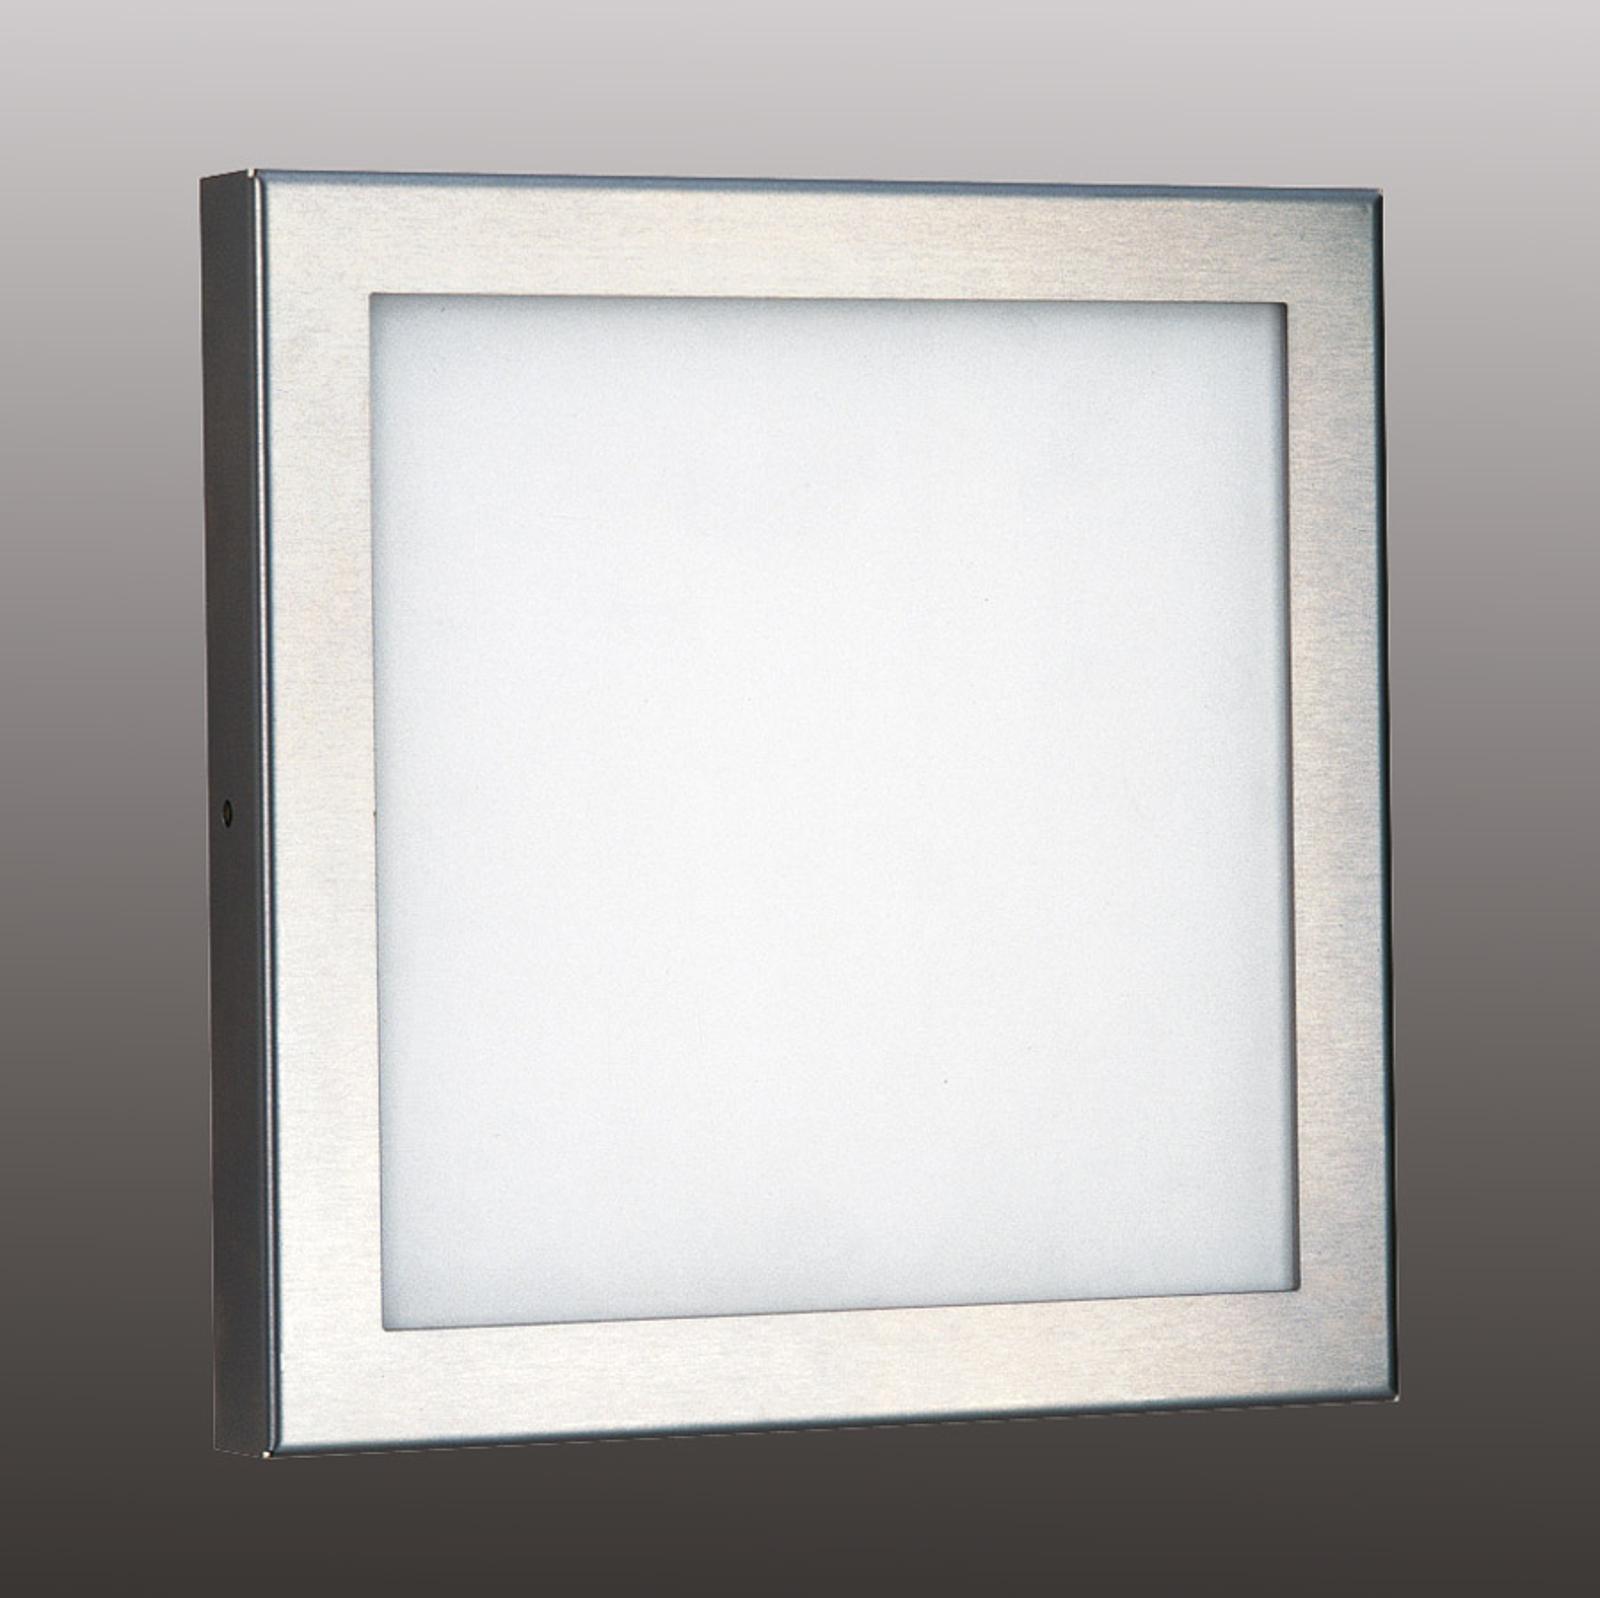 Venkovní nástěnné LED svítidlo Mette, nerez